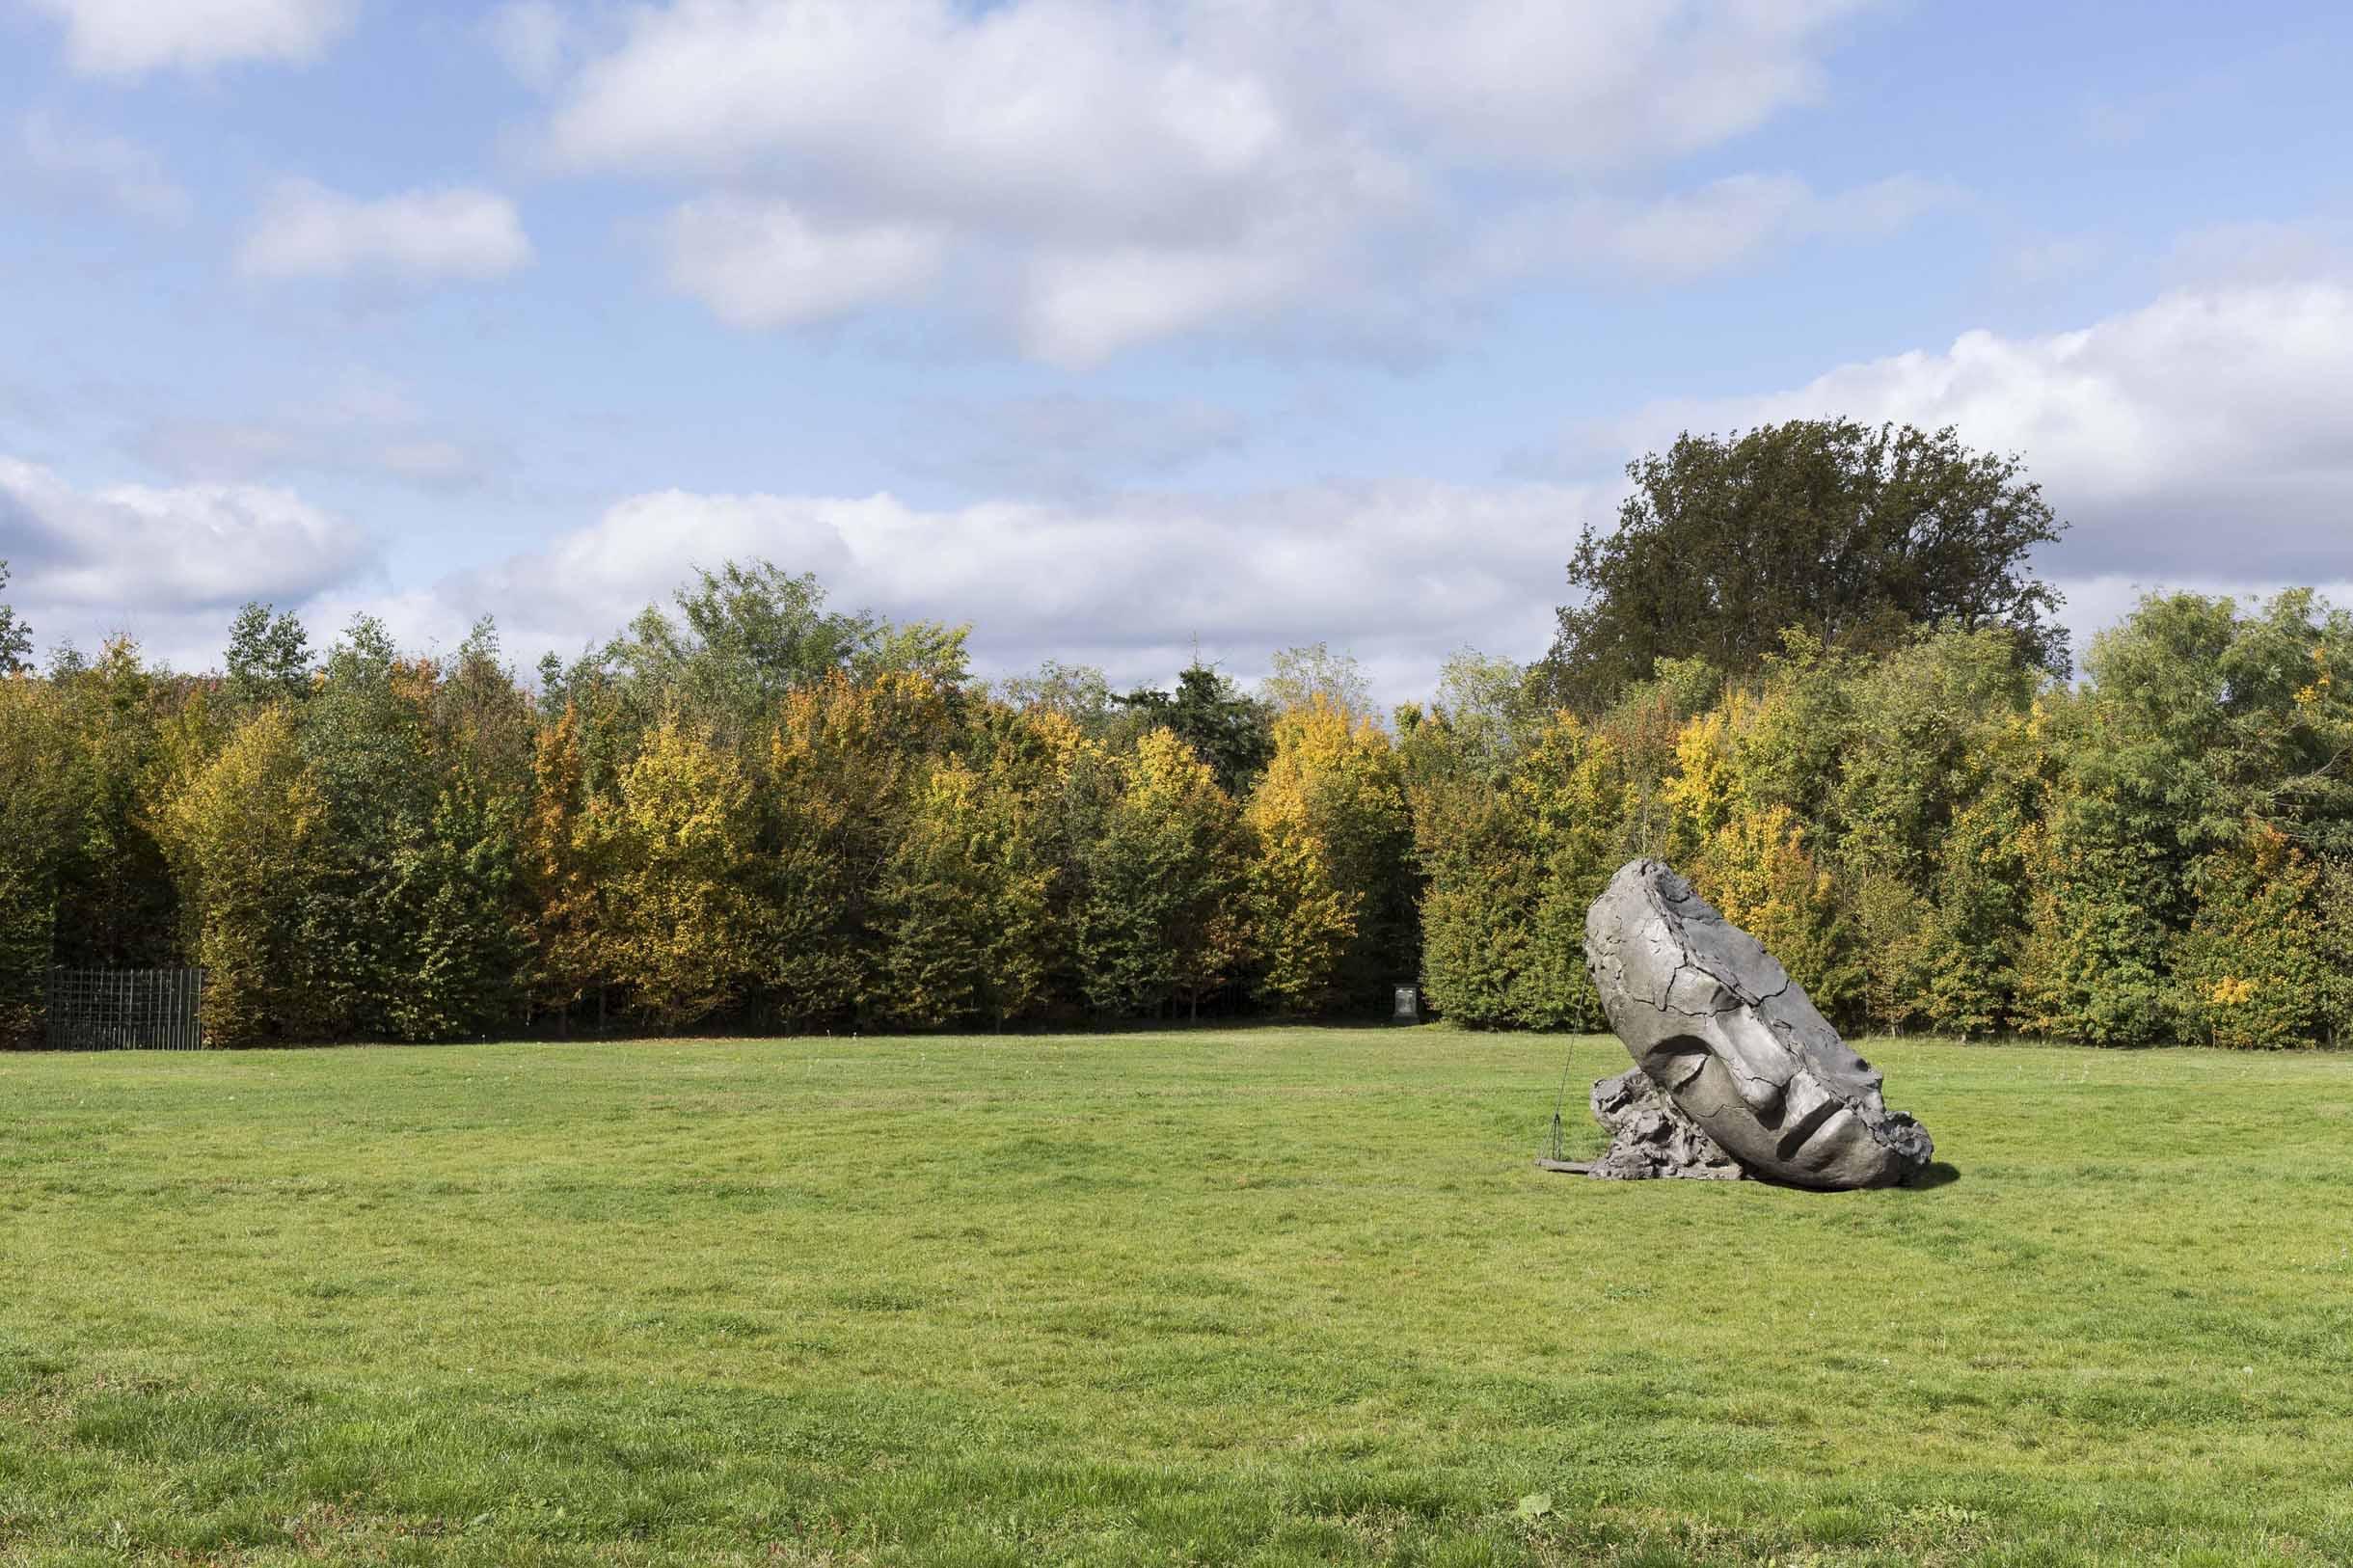 Le Bosquet de l'étoile se pare d'une tête androgyne fissurée, Mark Manders y agence la solitude tout en interrogeant le caractère illusoire de l'écoulement du temps. / Mark Manders, Dry Clay Head, 2015-2017 Bronze patiné Courtesy de l'artiste, Zeno X Gallery (Anvers), Tanya Bonakdar (New York)